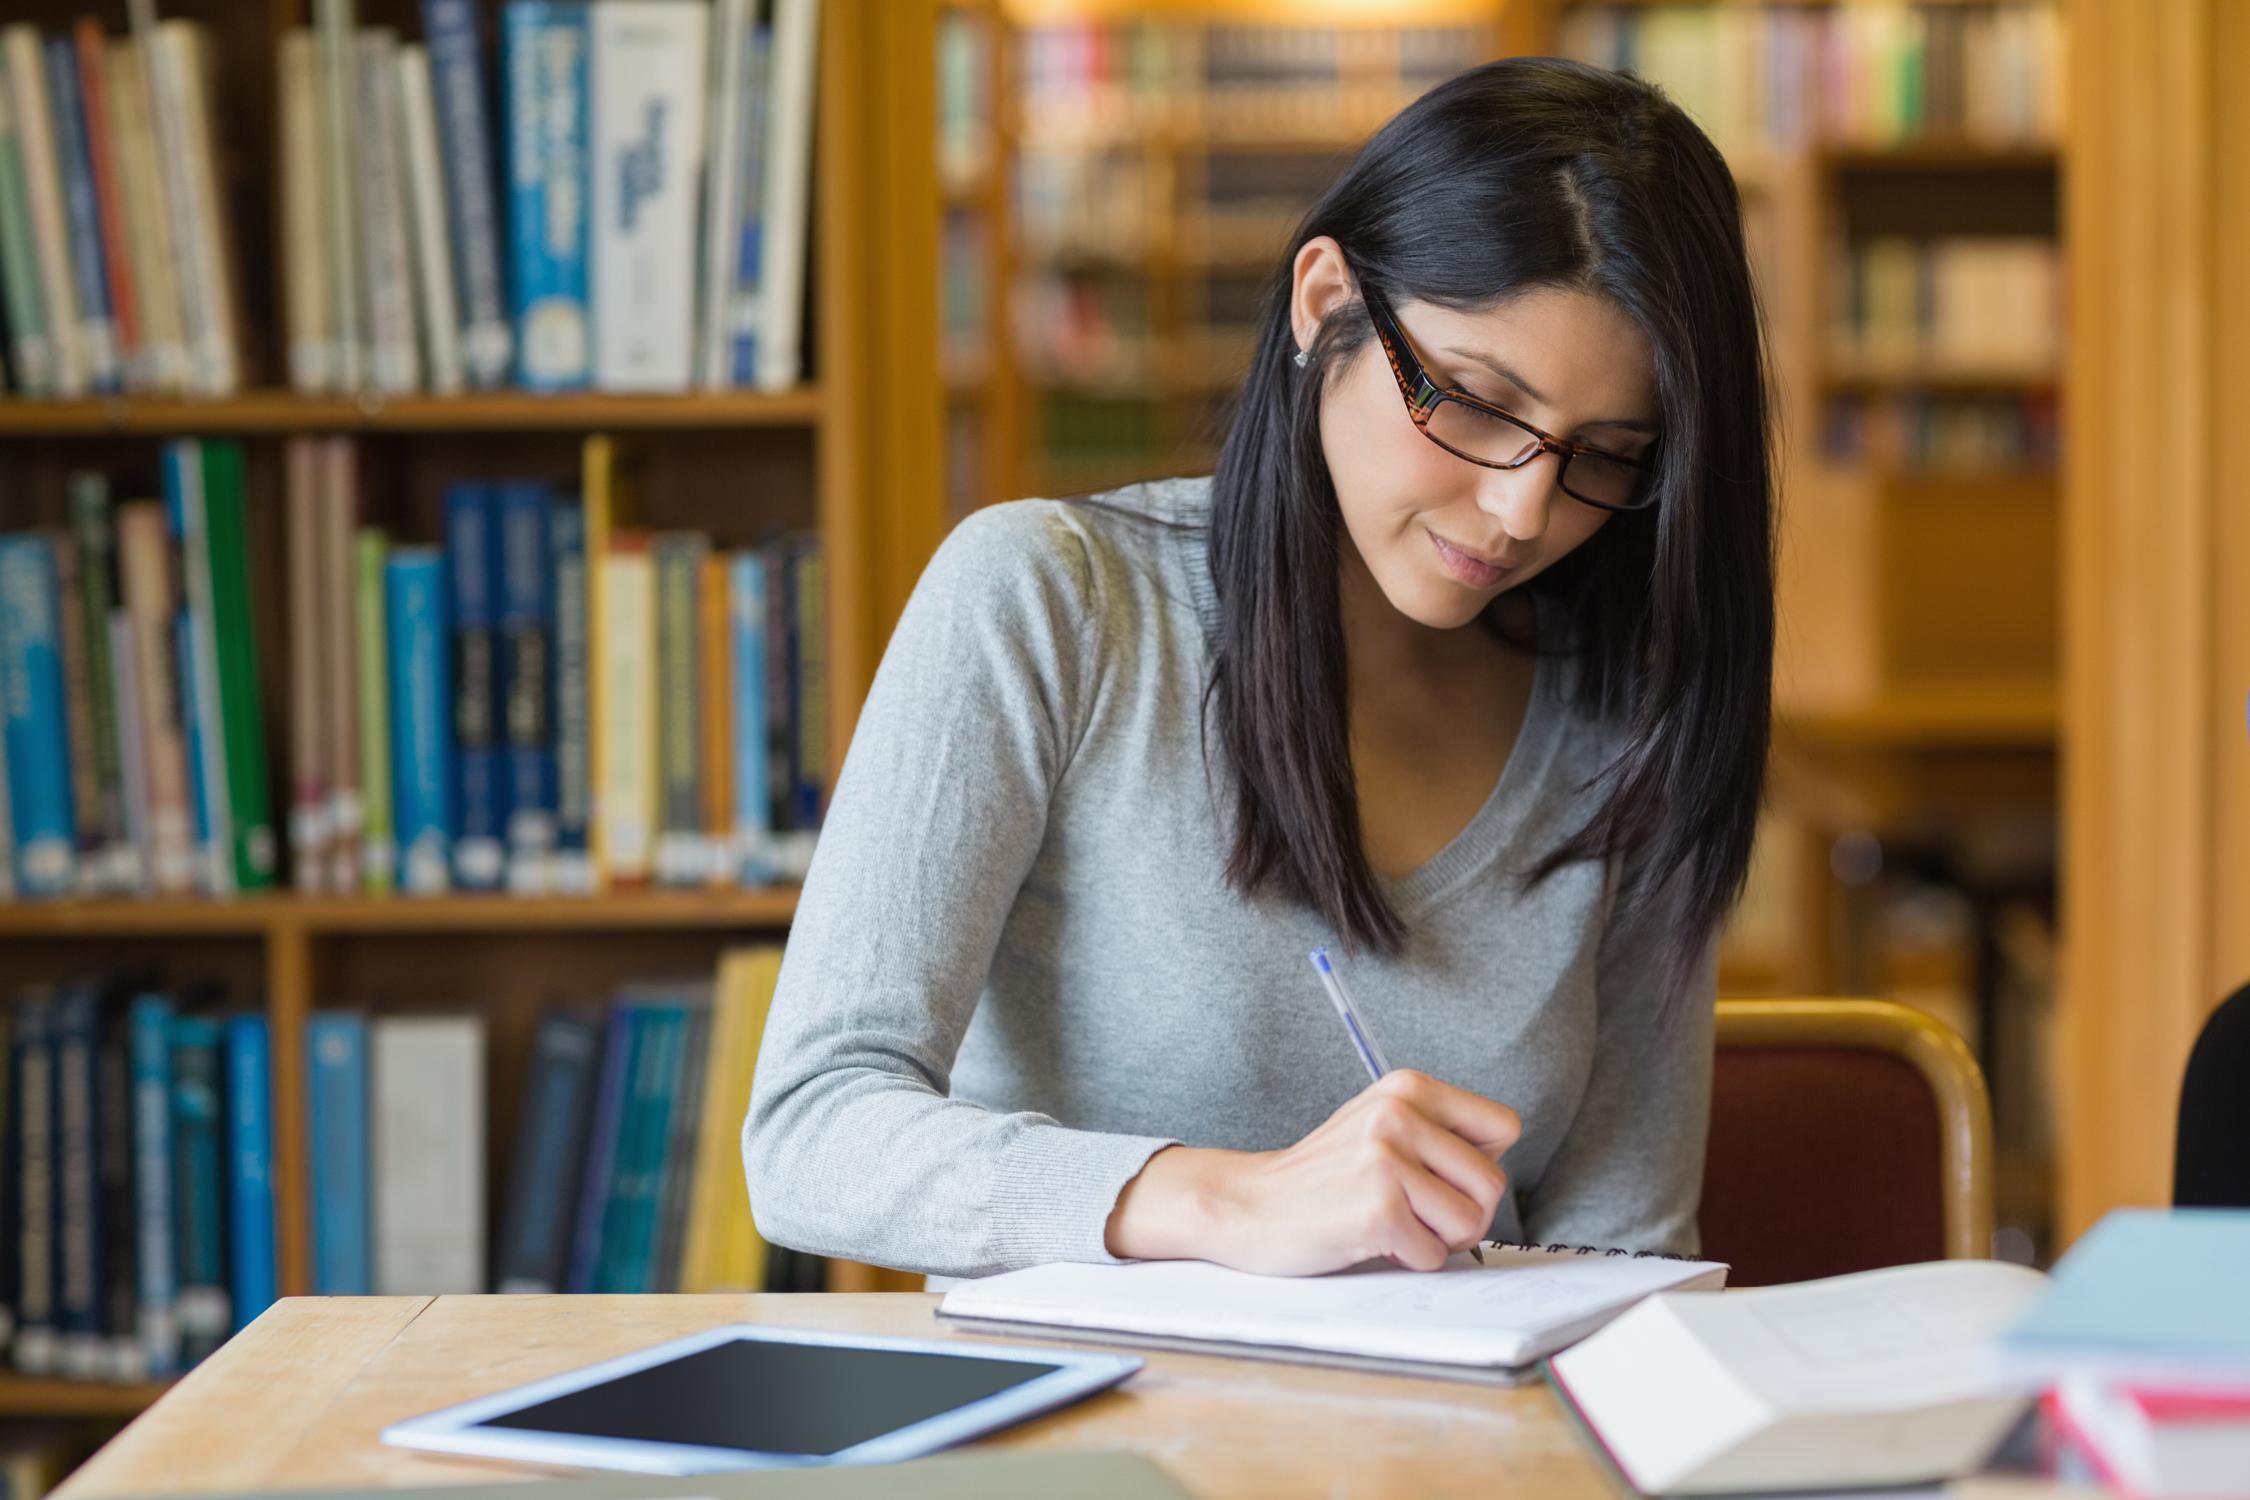 رشته دامپزشکی مشاوره انجام پایان نامه و چاپ مقاله دامپزشکی در مقطع ارشد و دکتری